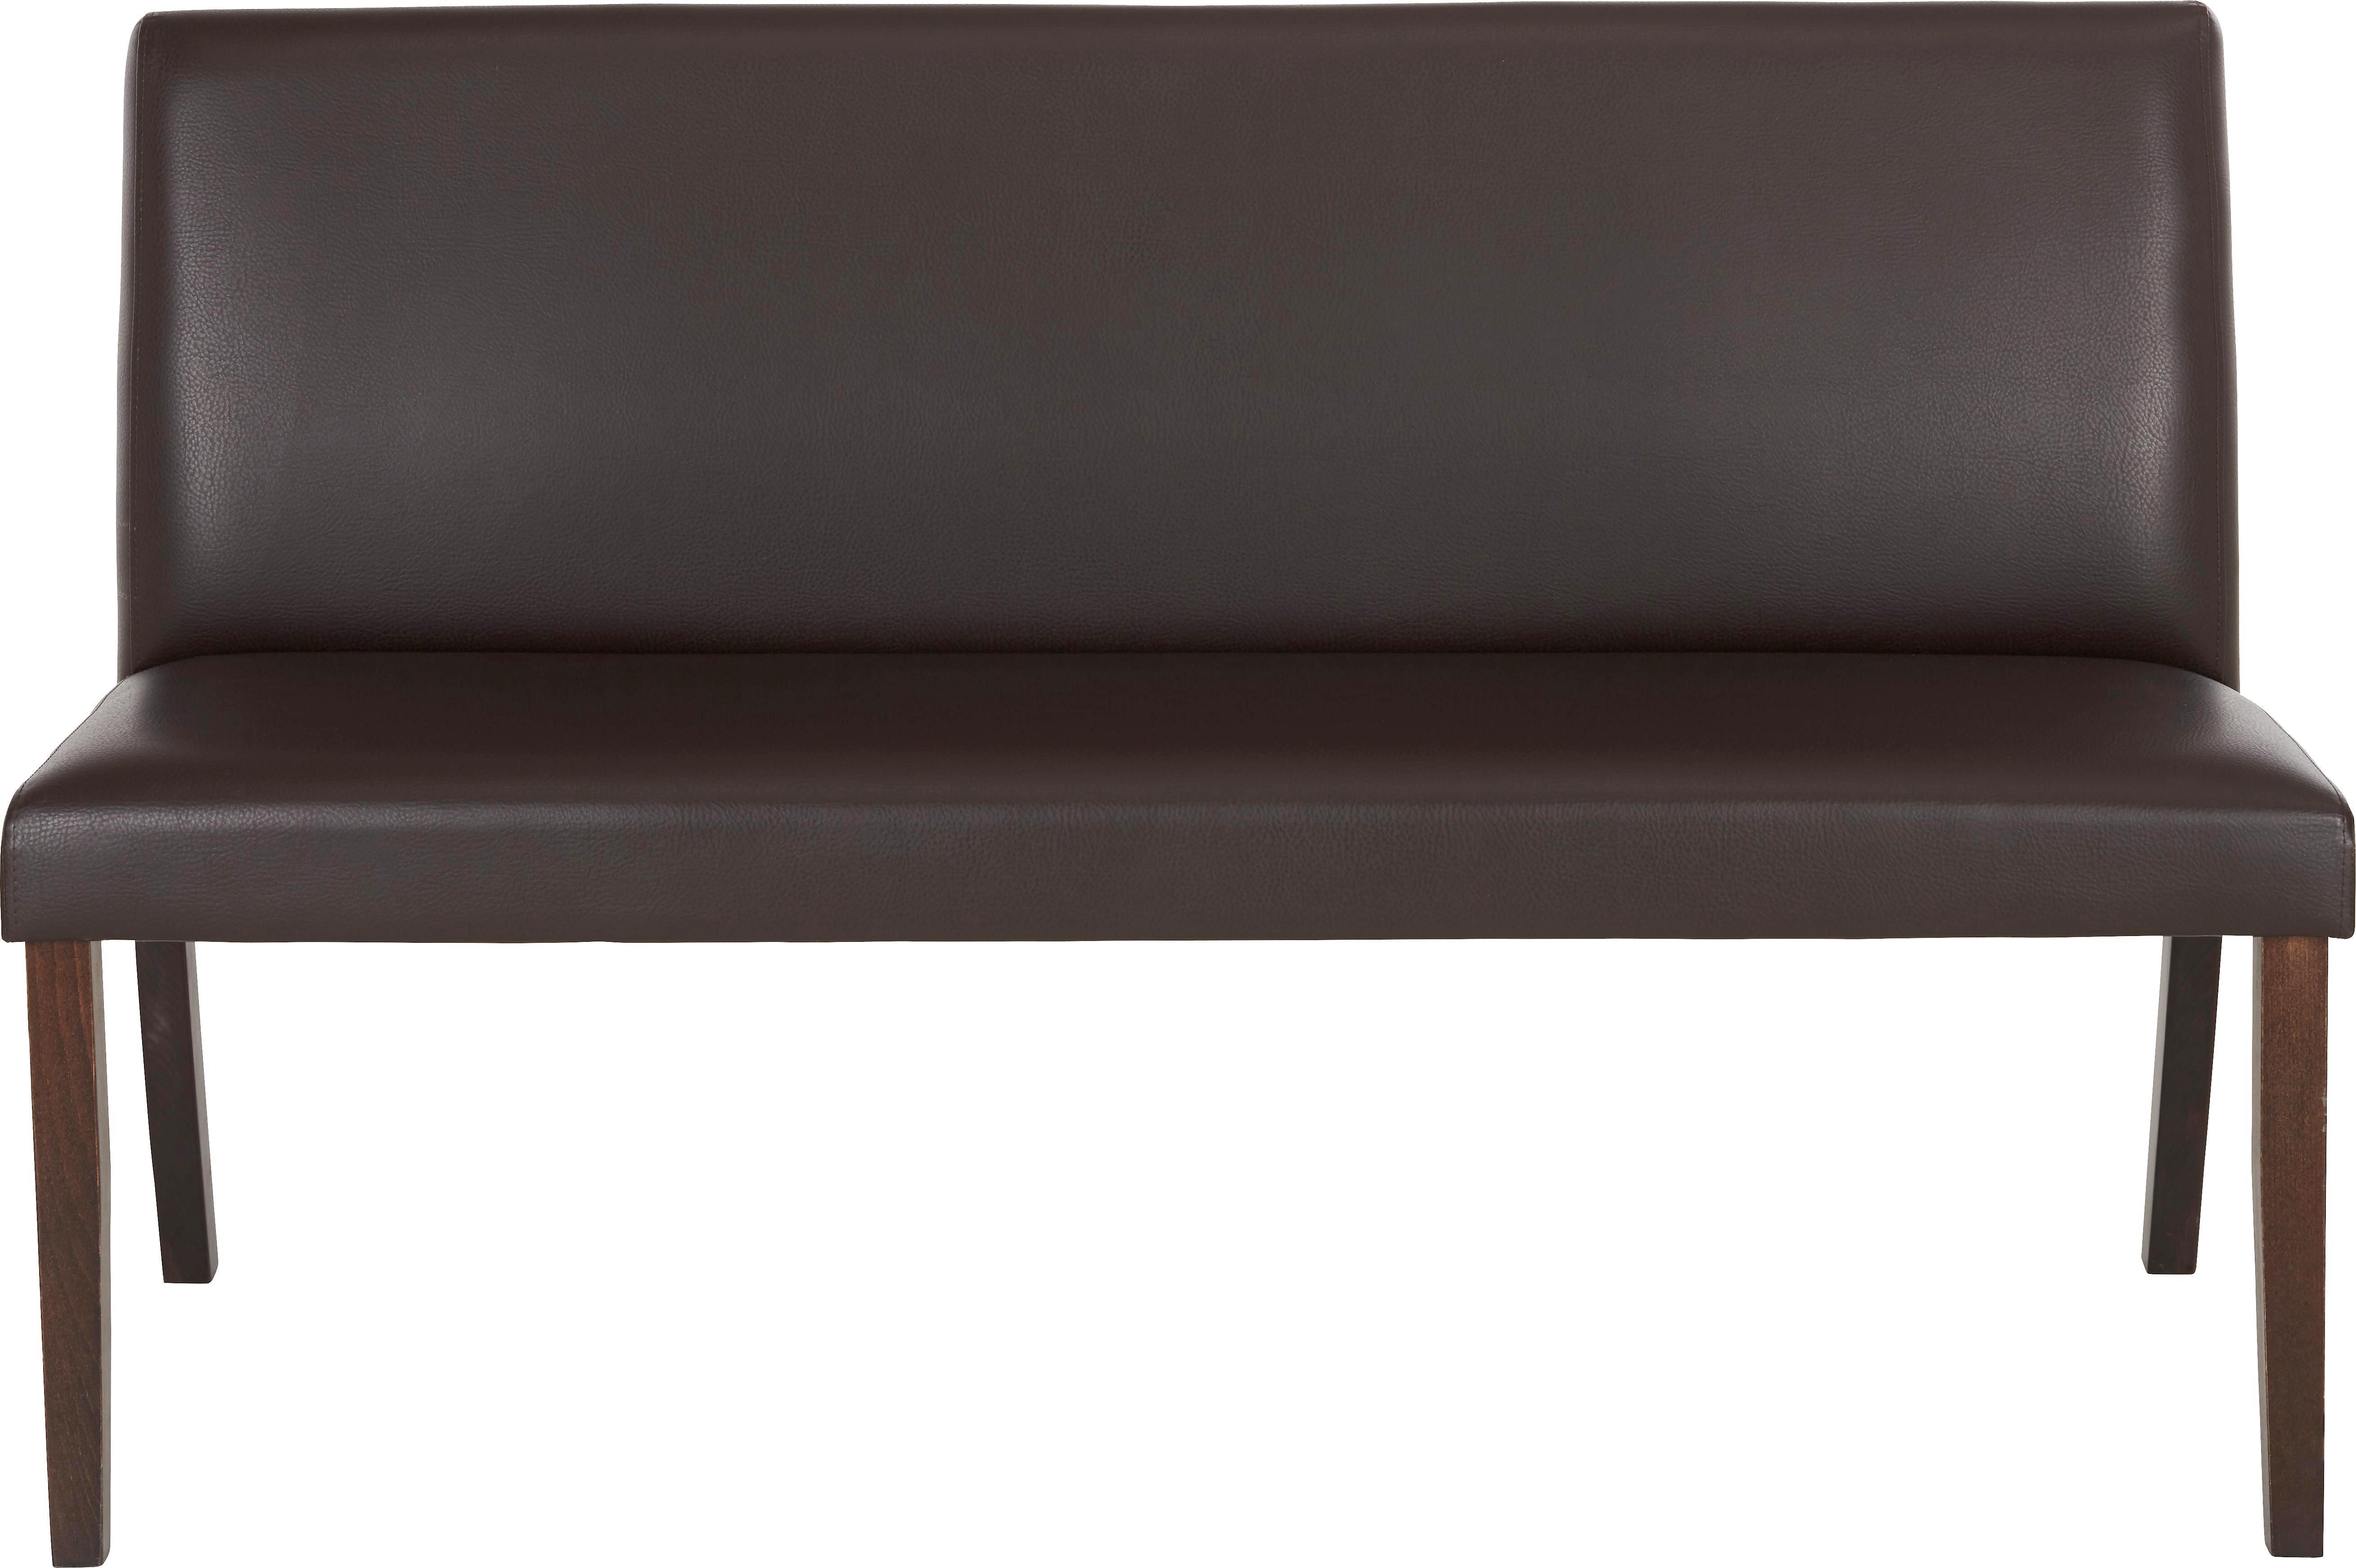 Sitzbank in Braun mit Rückenlehne - Wengefarben/Braun, KONVENTIONELL, Holz/Kunststoff (142/87/65cm) - ZANDIARA